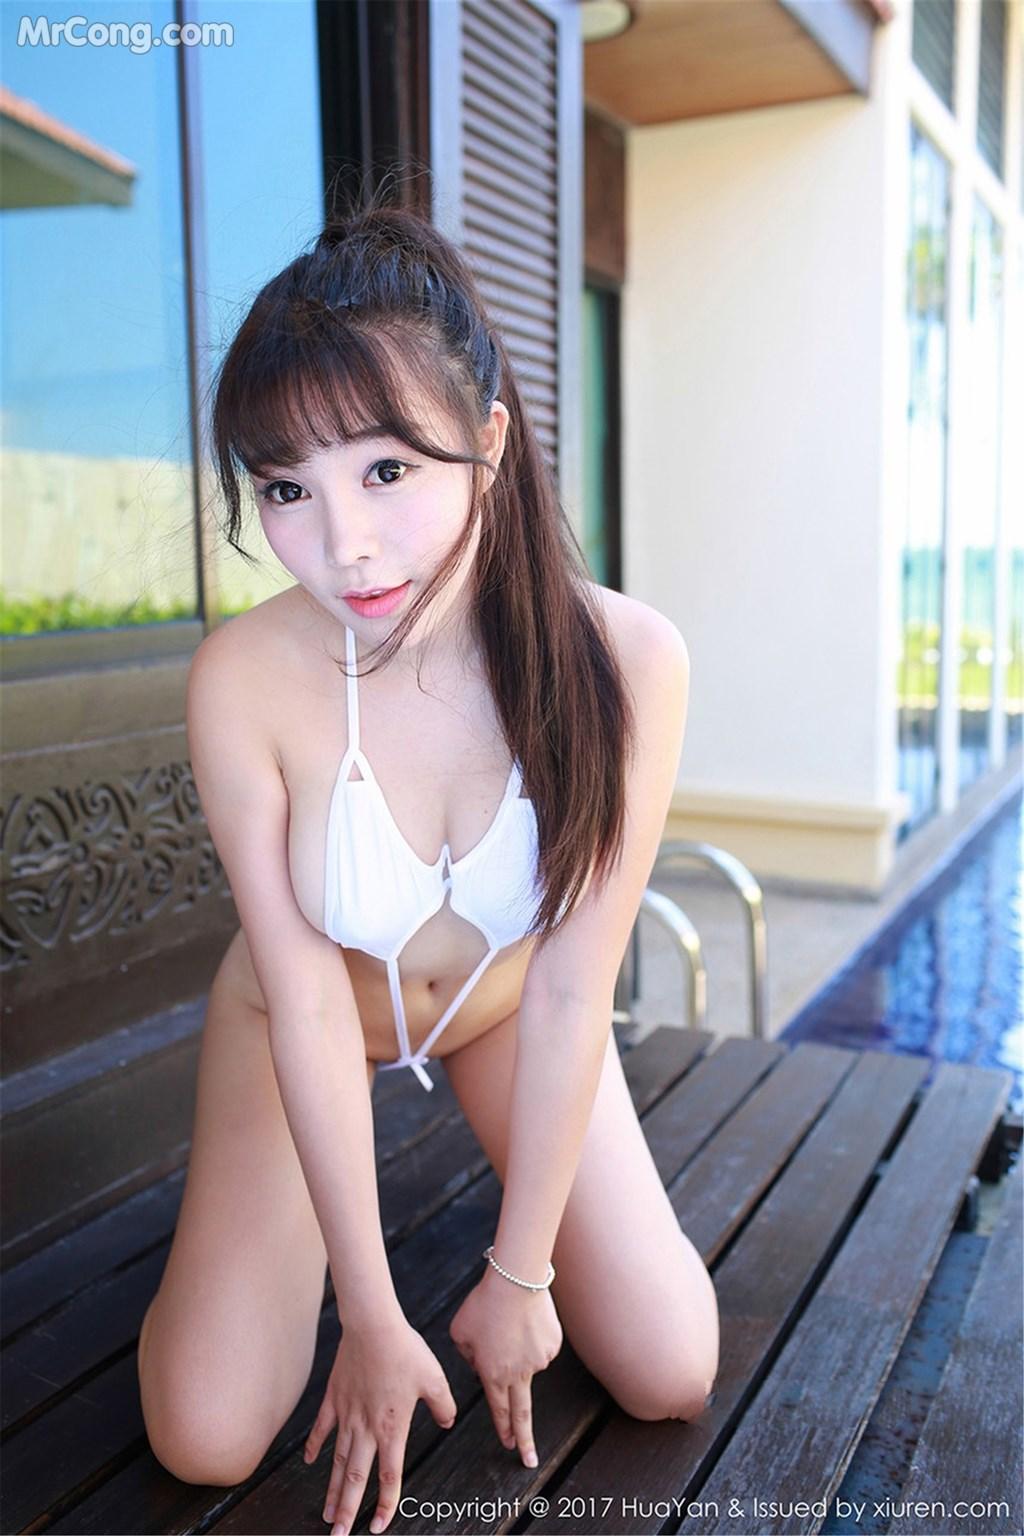 Image HuaYan-Vol.041-Booty-Zhizhi-MrCong.com-010 in post HuaYan Vol.041: Người mẫu Booty (芝芝) (54 ảnh)